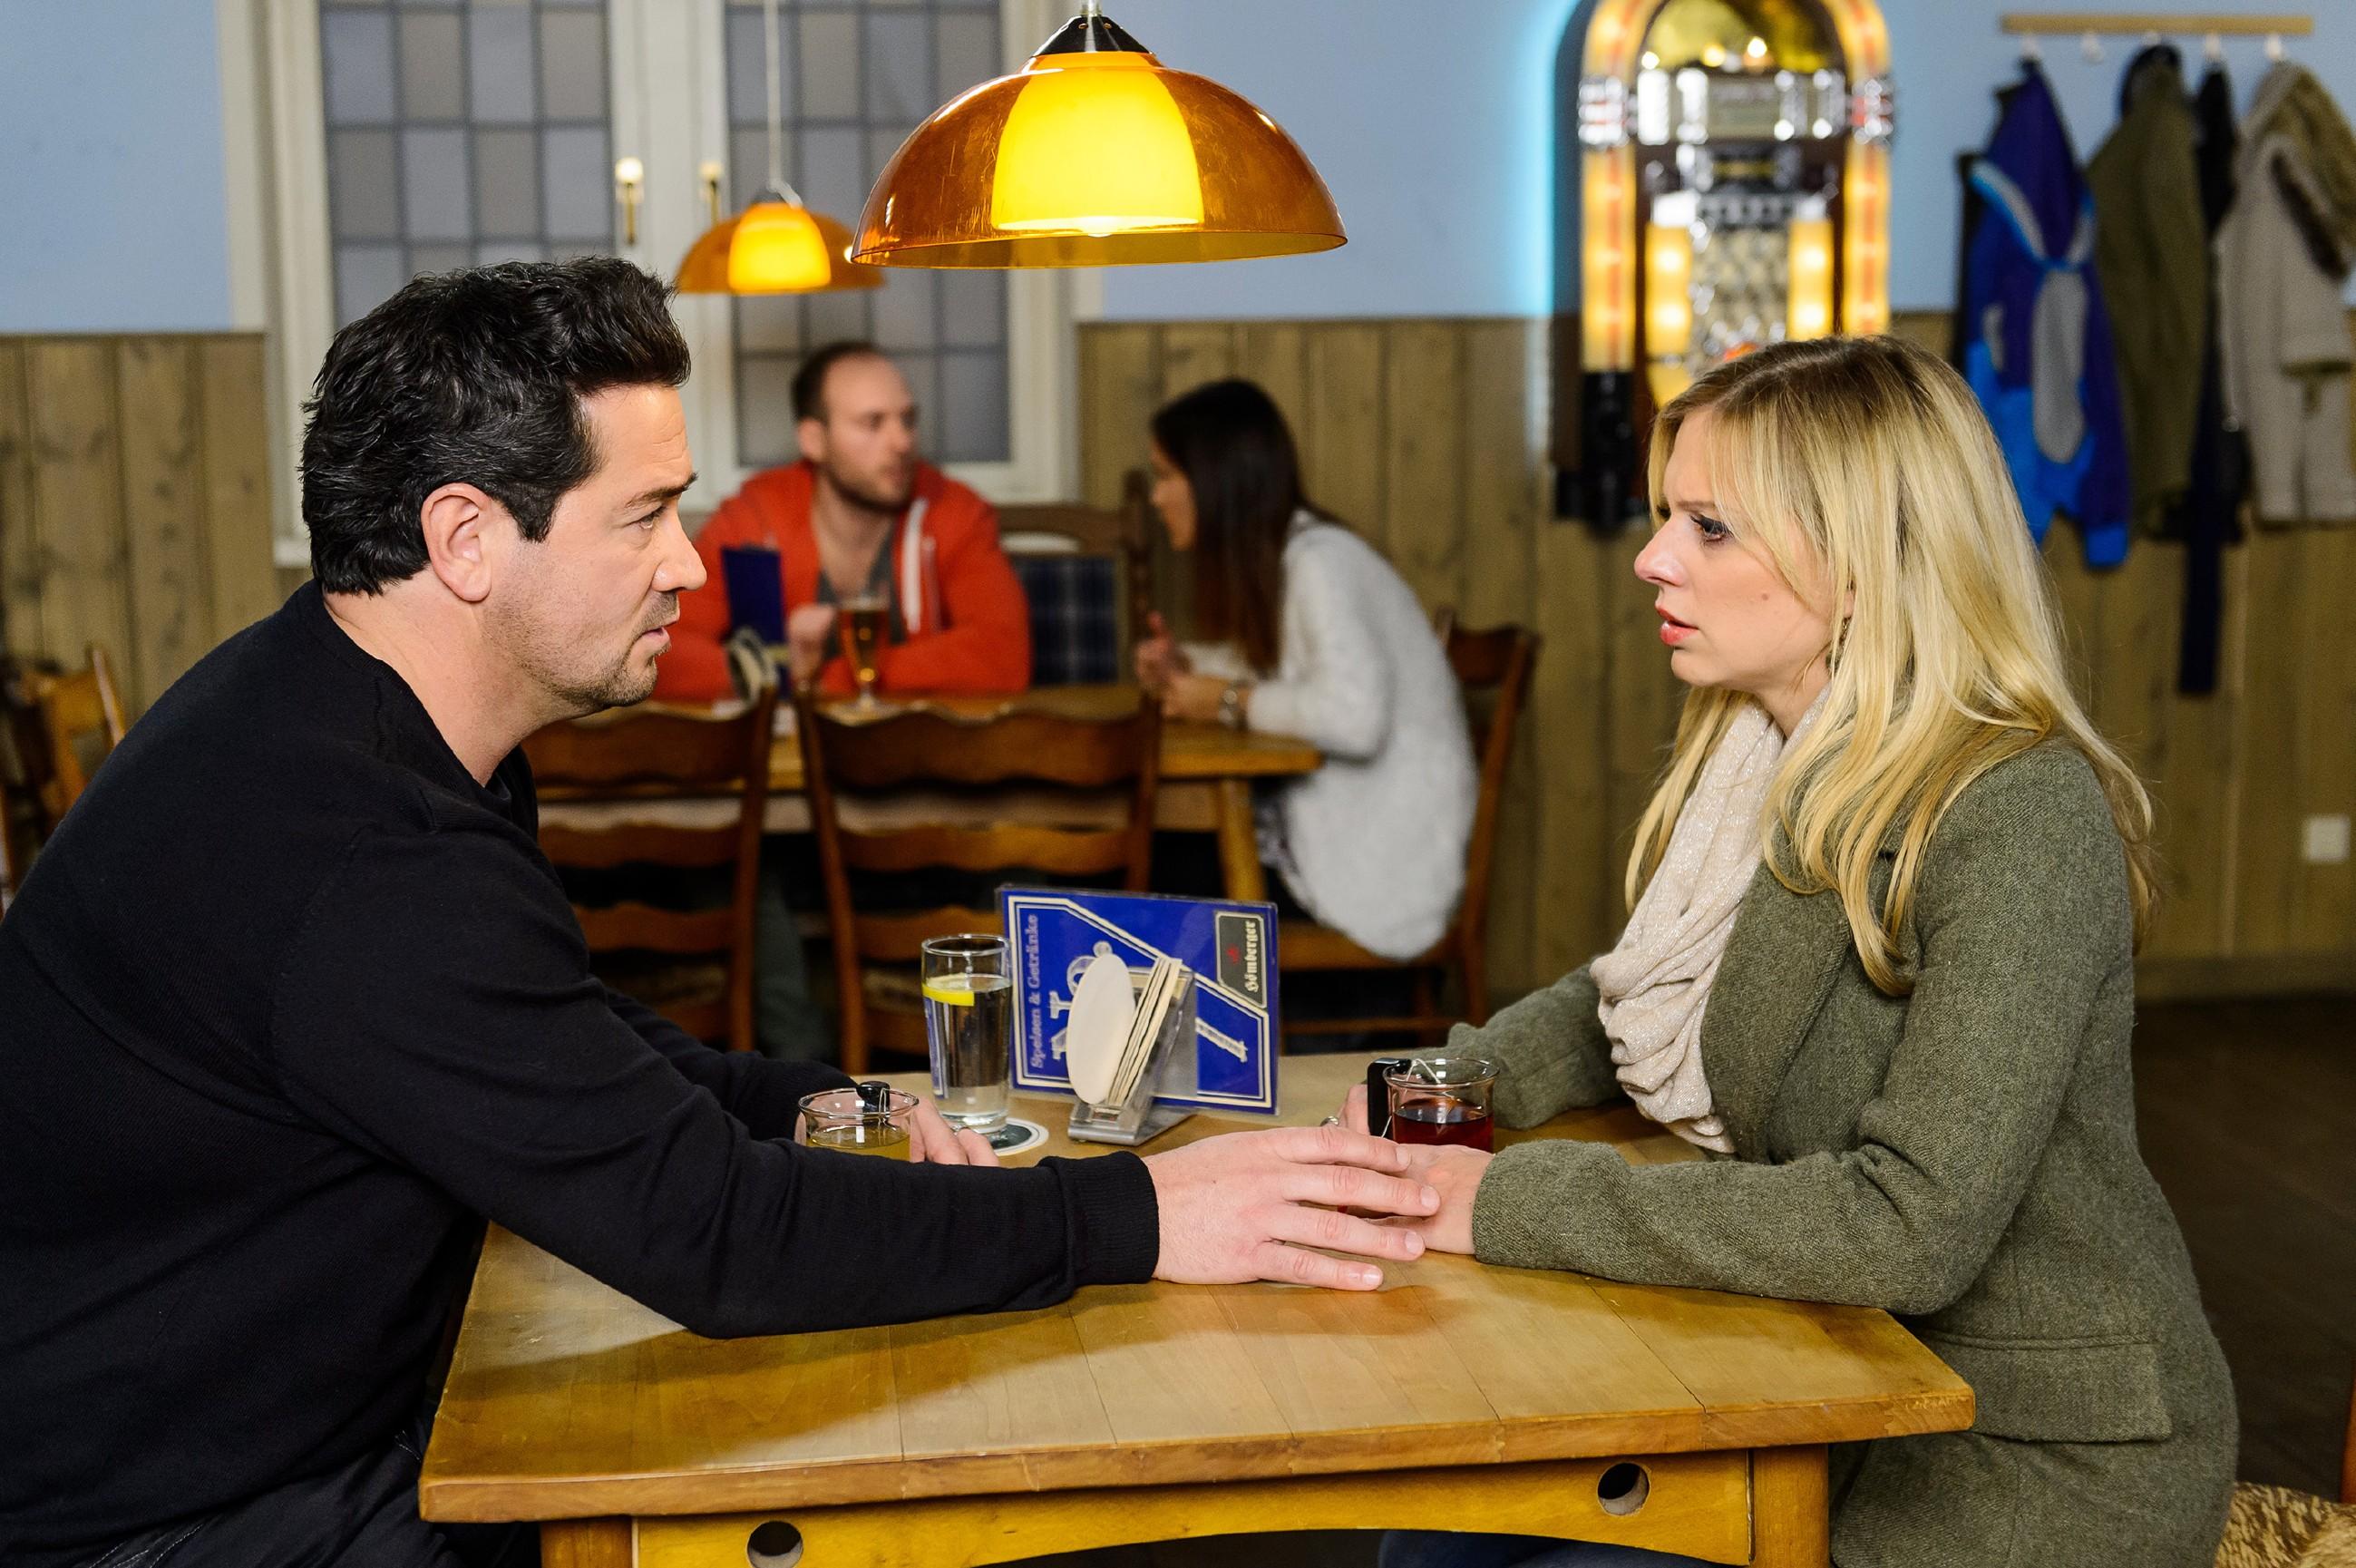 Als Lena (Juliette Greco) sich auf ein Treffen mit Marian (Sam Eisenstein) einlässt, schöpft dieser Hoffnung, dass Lena bereit ist, um ihre Ehe zu kämpfen. Umso enttäuschter ist er, dass Lena weiterhin auf Abstand bleiben will... (Quelle: RTL / Willi Weber)